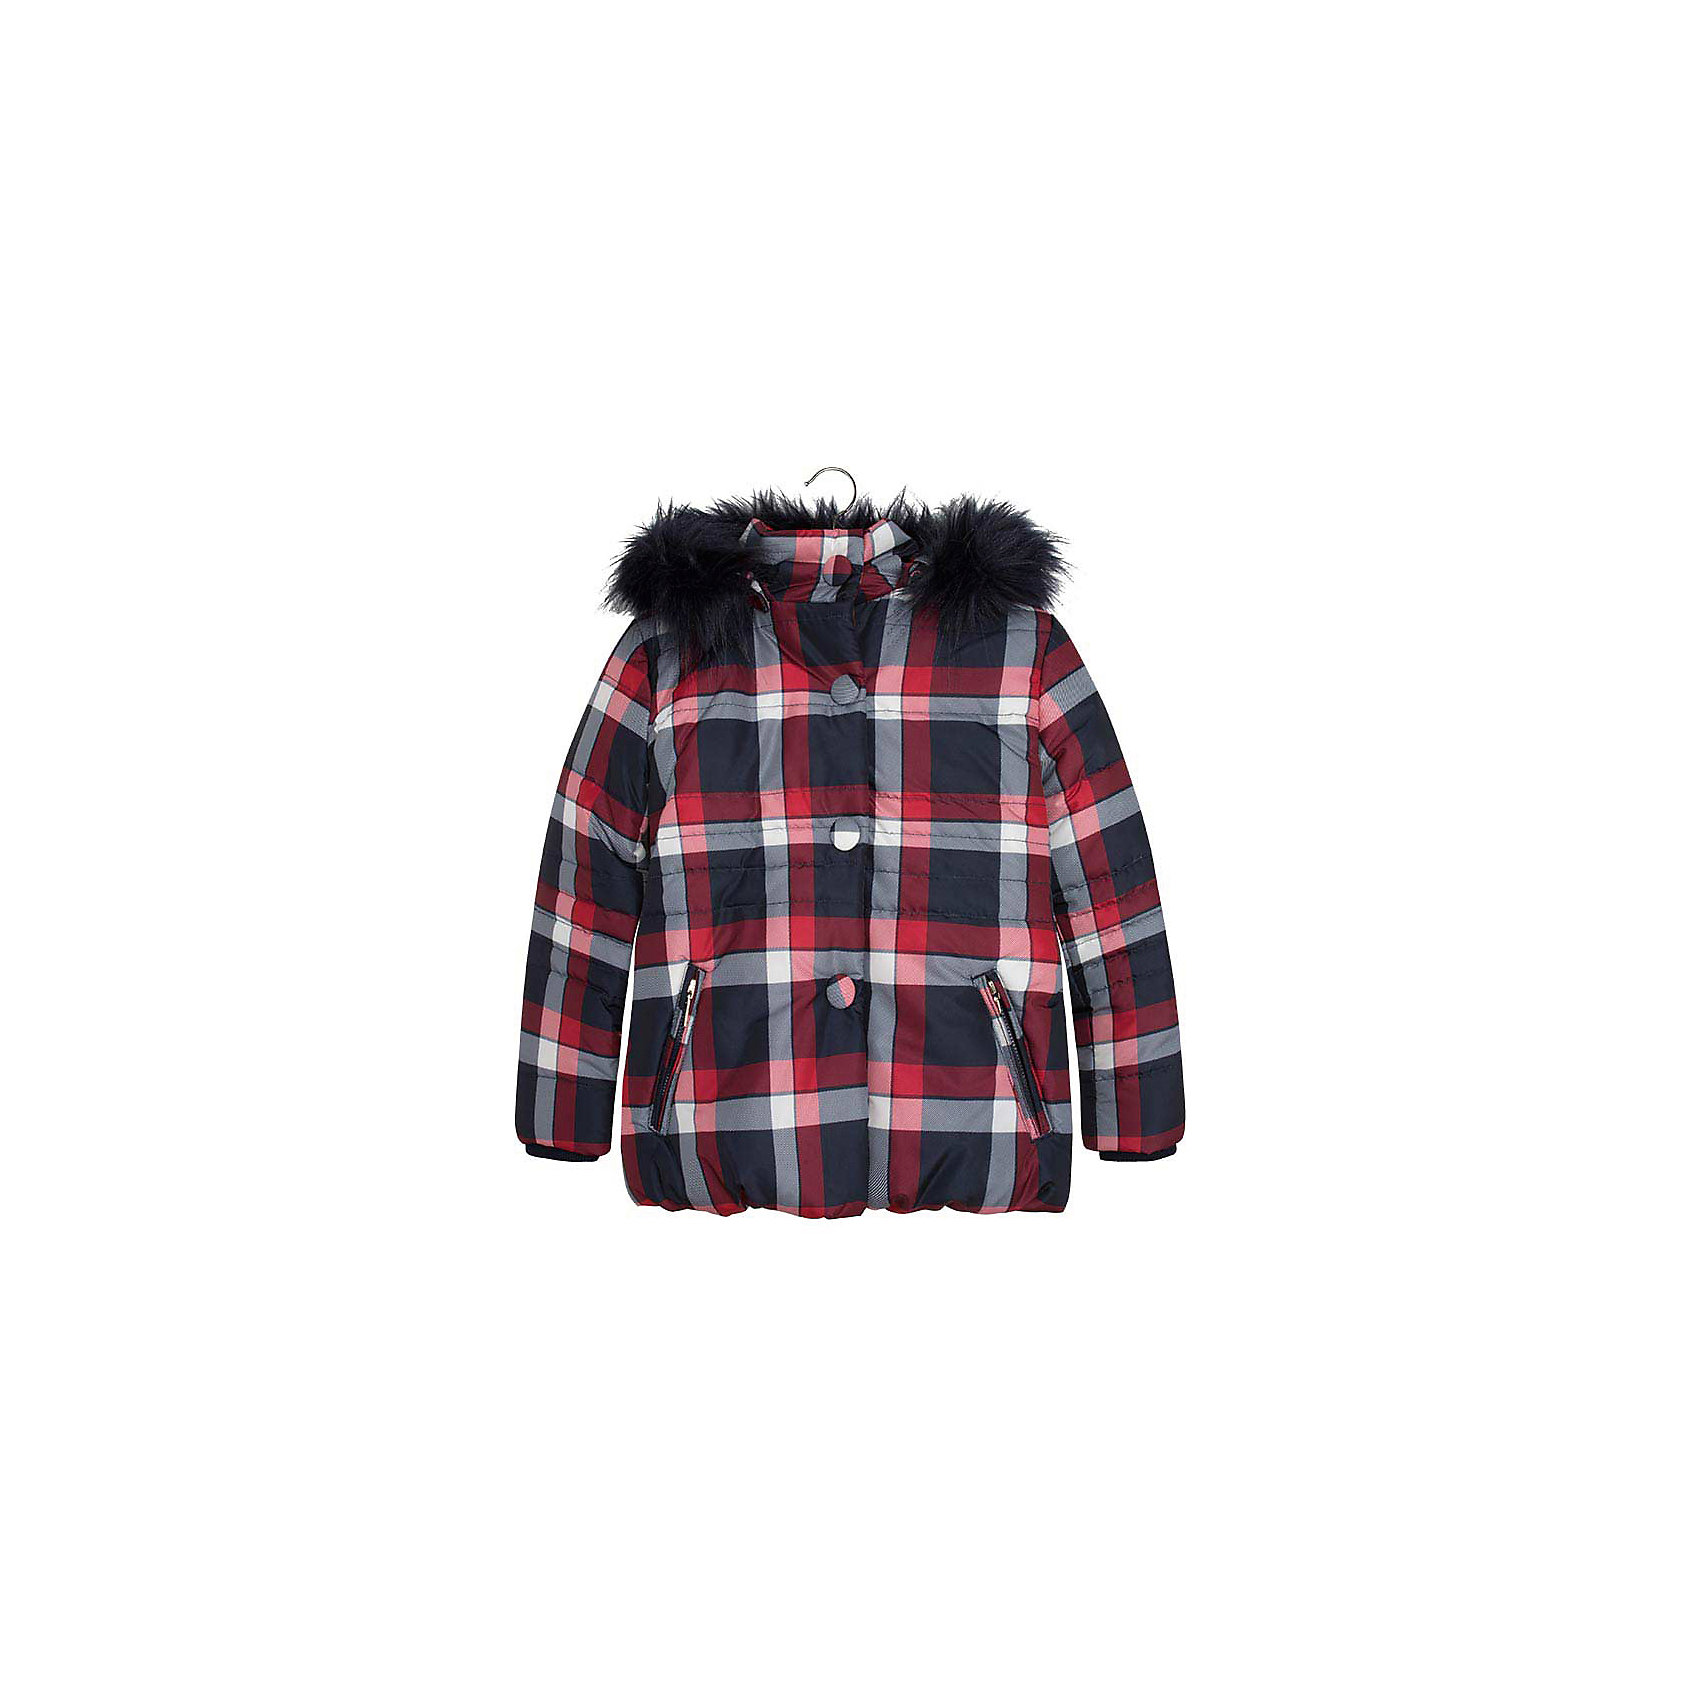 Куртка для девочки MayoralДемисезонные куртки<br>Куртка для девочки от популярной испанской марки Mayoral.<br>Модная и теплая куртка от известного испанского бренда Mayoral – отличный вариант универсальной верхней одежды для детей. Она не только согревает в холодную погоду, но и отлично смотрится. Удобный крой и качественный материал обеспечит ребенку комфорт при ношении этой вещи. <br>Модель имеет следующие особенности:<br><br>- цвет: красно-бело-синий, клетка;<br>- удобные функциональные карманы на молнии;<br>- отстегивающийся капюшон с опушкой;<br>- плащевая ткань;<br>- трикотажные манжеты на рукавах;<br>- застежка-молния, клапан.<br><br>Состав: 100% полиэстер<br><br>Уход за изделием:<br><br>стирка в машине при температуре до 30°С,<br>не отбеливать.<br><br>Температурный режим:<br><br>от -5° С до +15° С<br><br>Куртку для девочки Mayoral (Майорал) можно купить в нашем магазине.<br><br>Ширина мм: 356<br>Глубина мм: 10<br>Высота мм: 245<br>Вес г: 519<br>Цвет: синий<br>Возраст от месяцев: 132<br>Возраст до месяцев: 144<br>Пол: Женский<br>Возраст: Детский<br>Размер: 152,128,140,164,158<br>SKU: 4190226